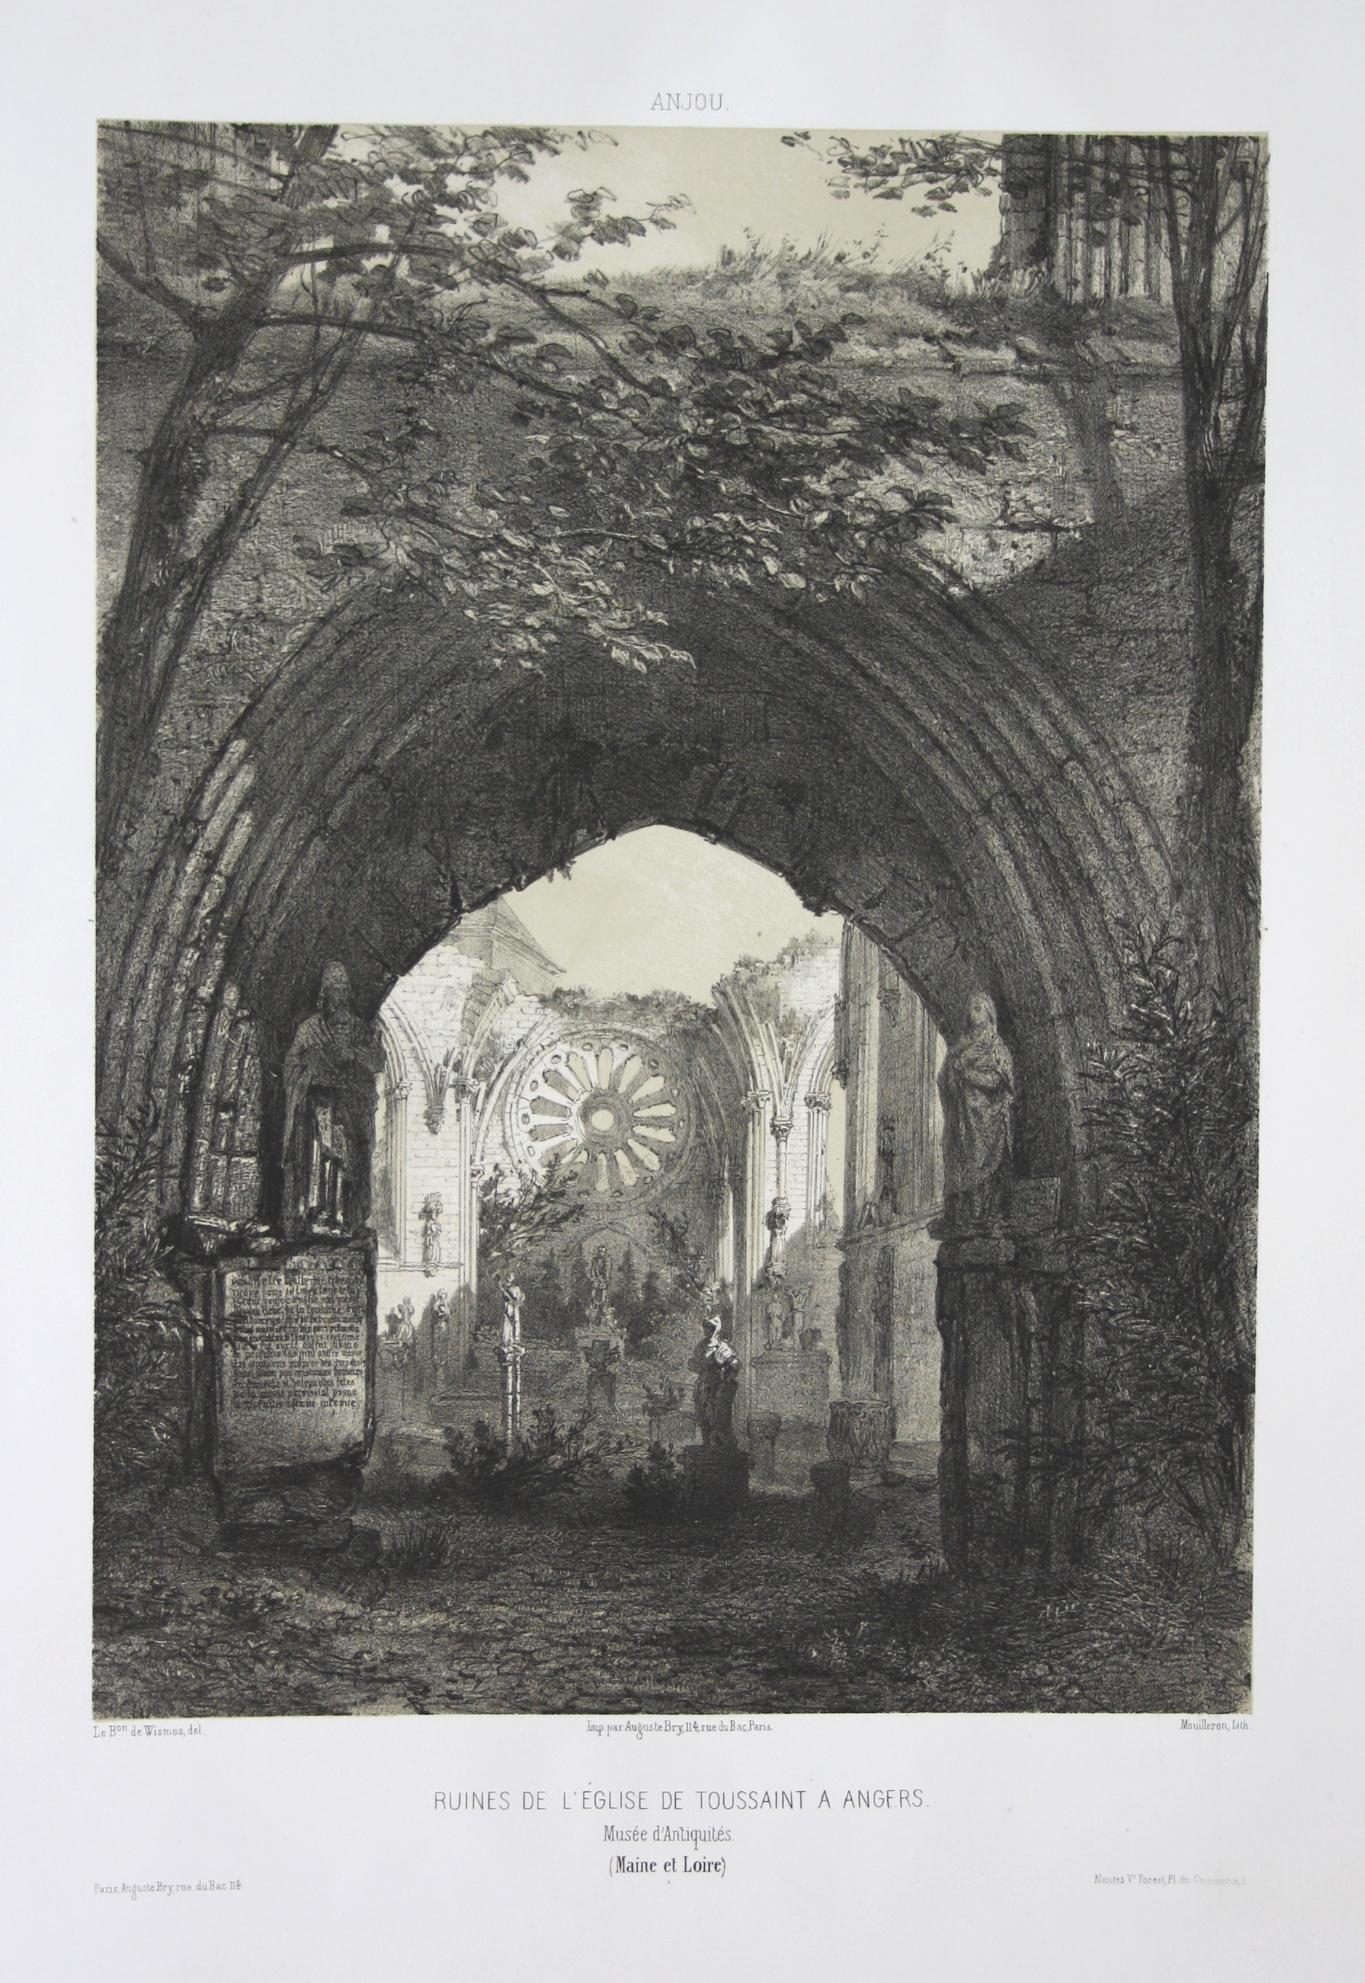 Ruines de l'Eglise de Toussaint a Angers: Wismes, Olivier de